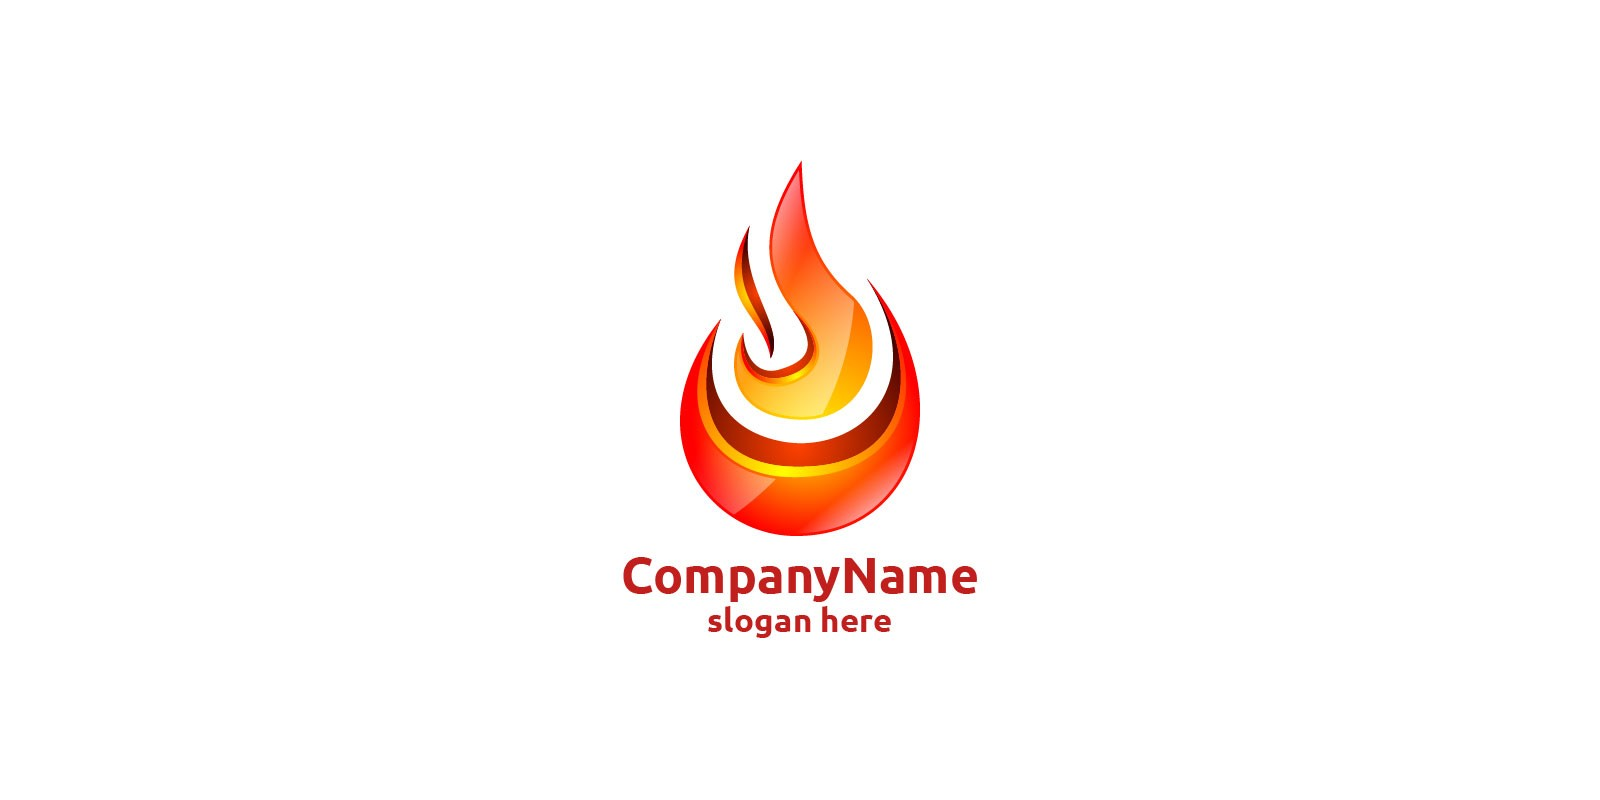 3D Fire Flame Element Logo Design